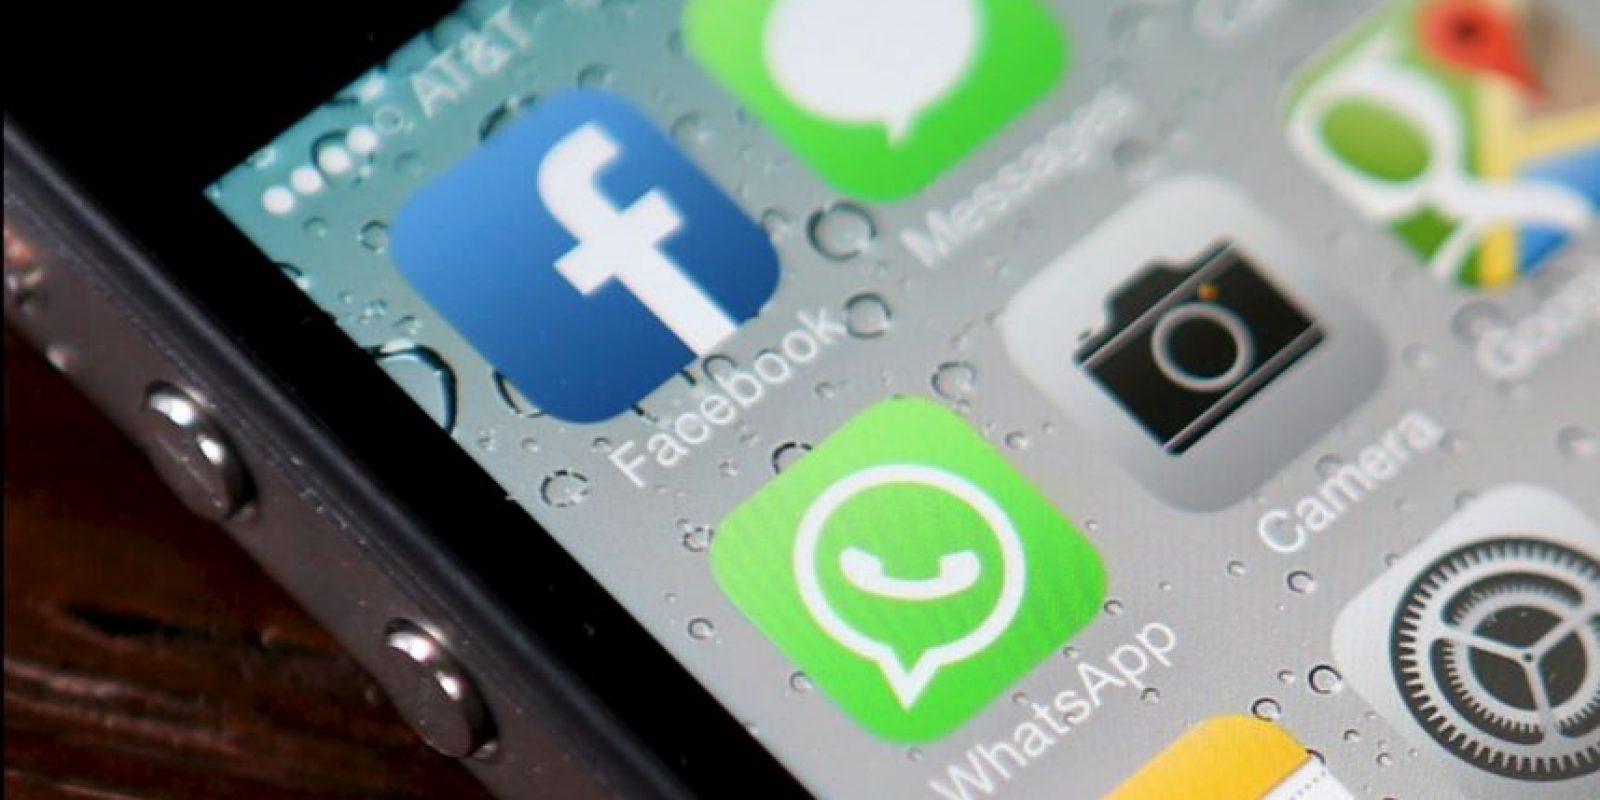 WhatsApp mejoró la seguridad en su aplicación para que los mensajes de los usuarios no sean interceptados por terceros Foto:Getty Images